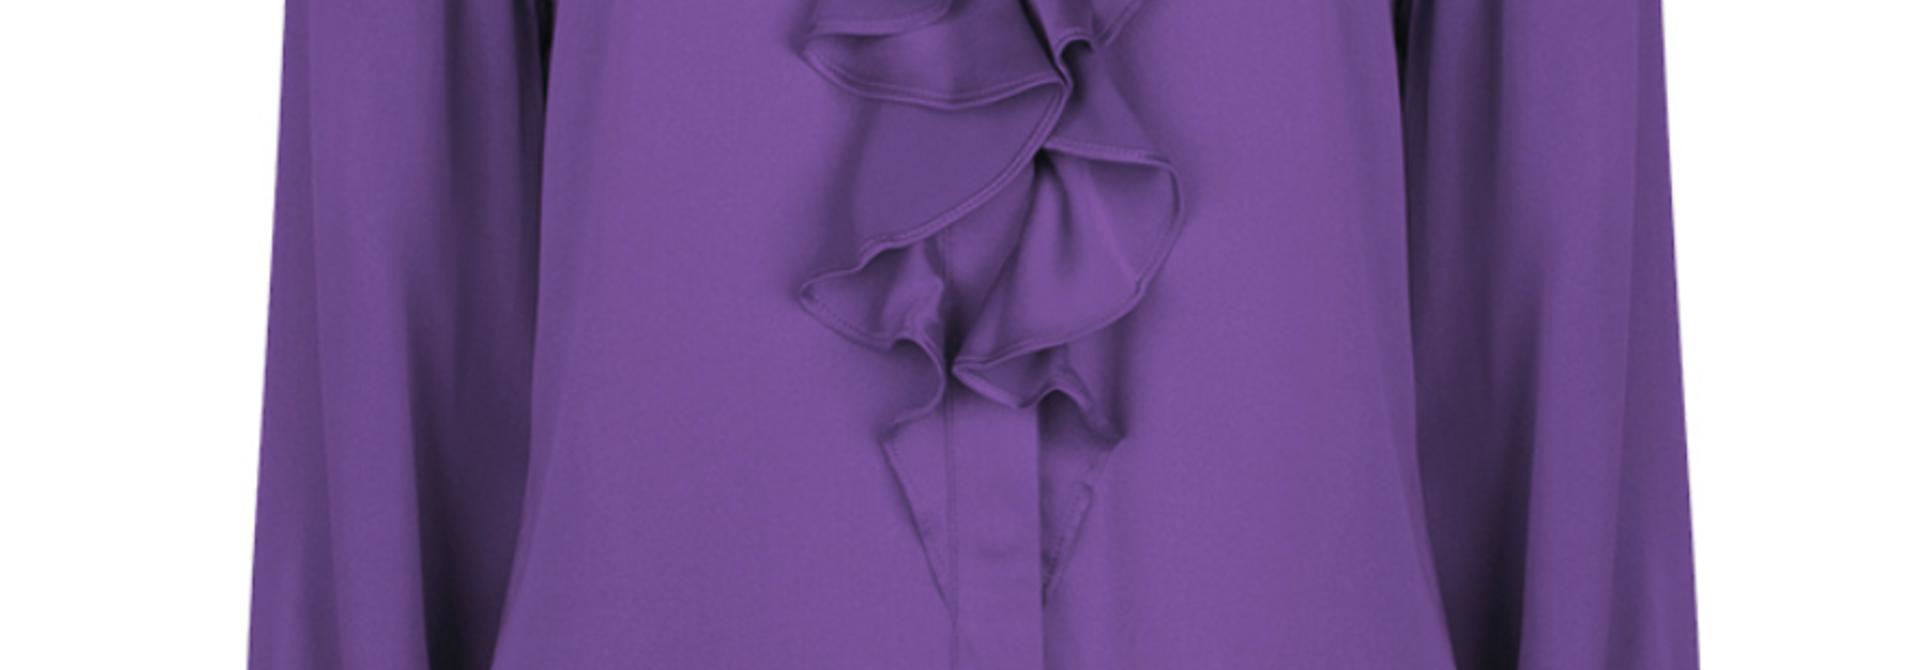 Silk blouse Sylvain (verkrijgbaar in 2 kleuren)